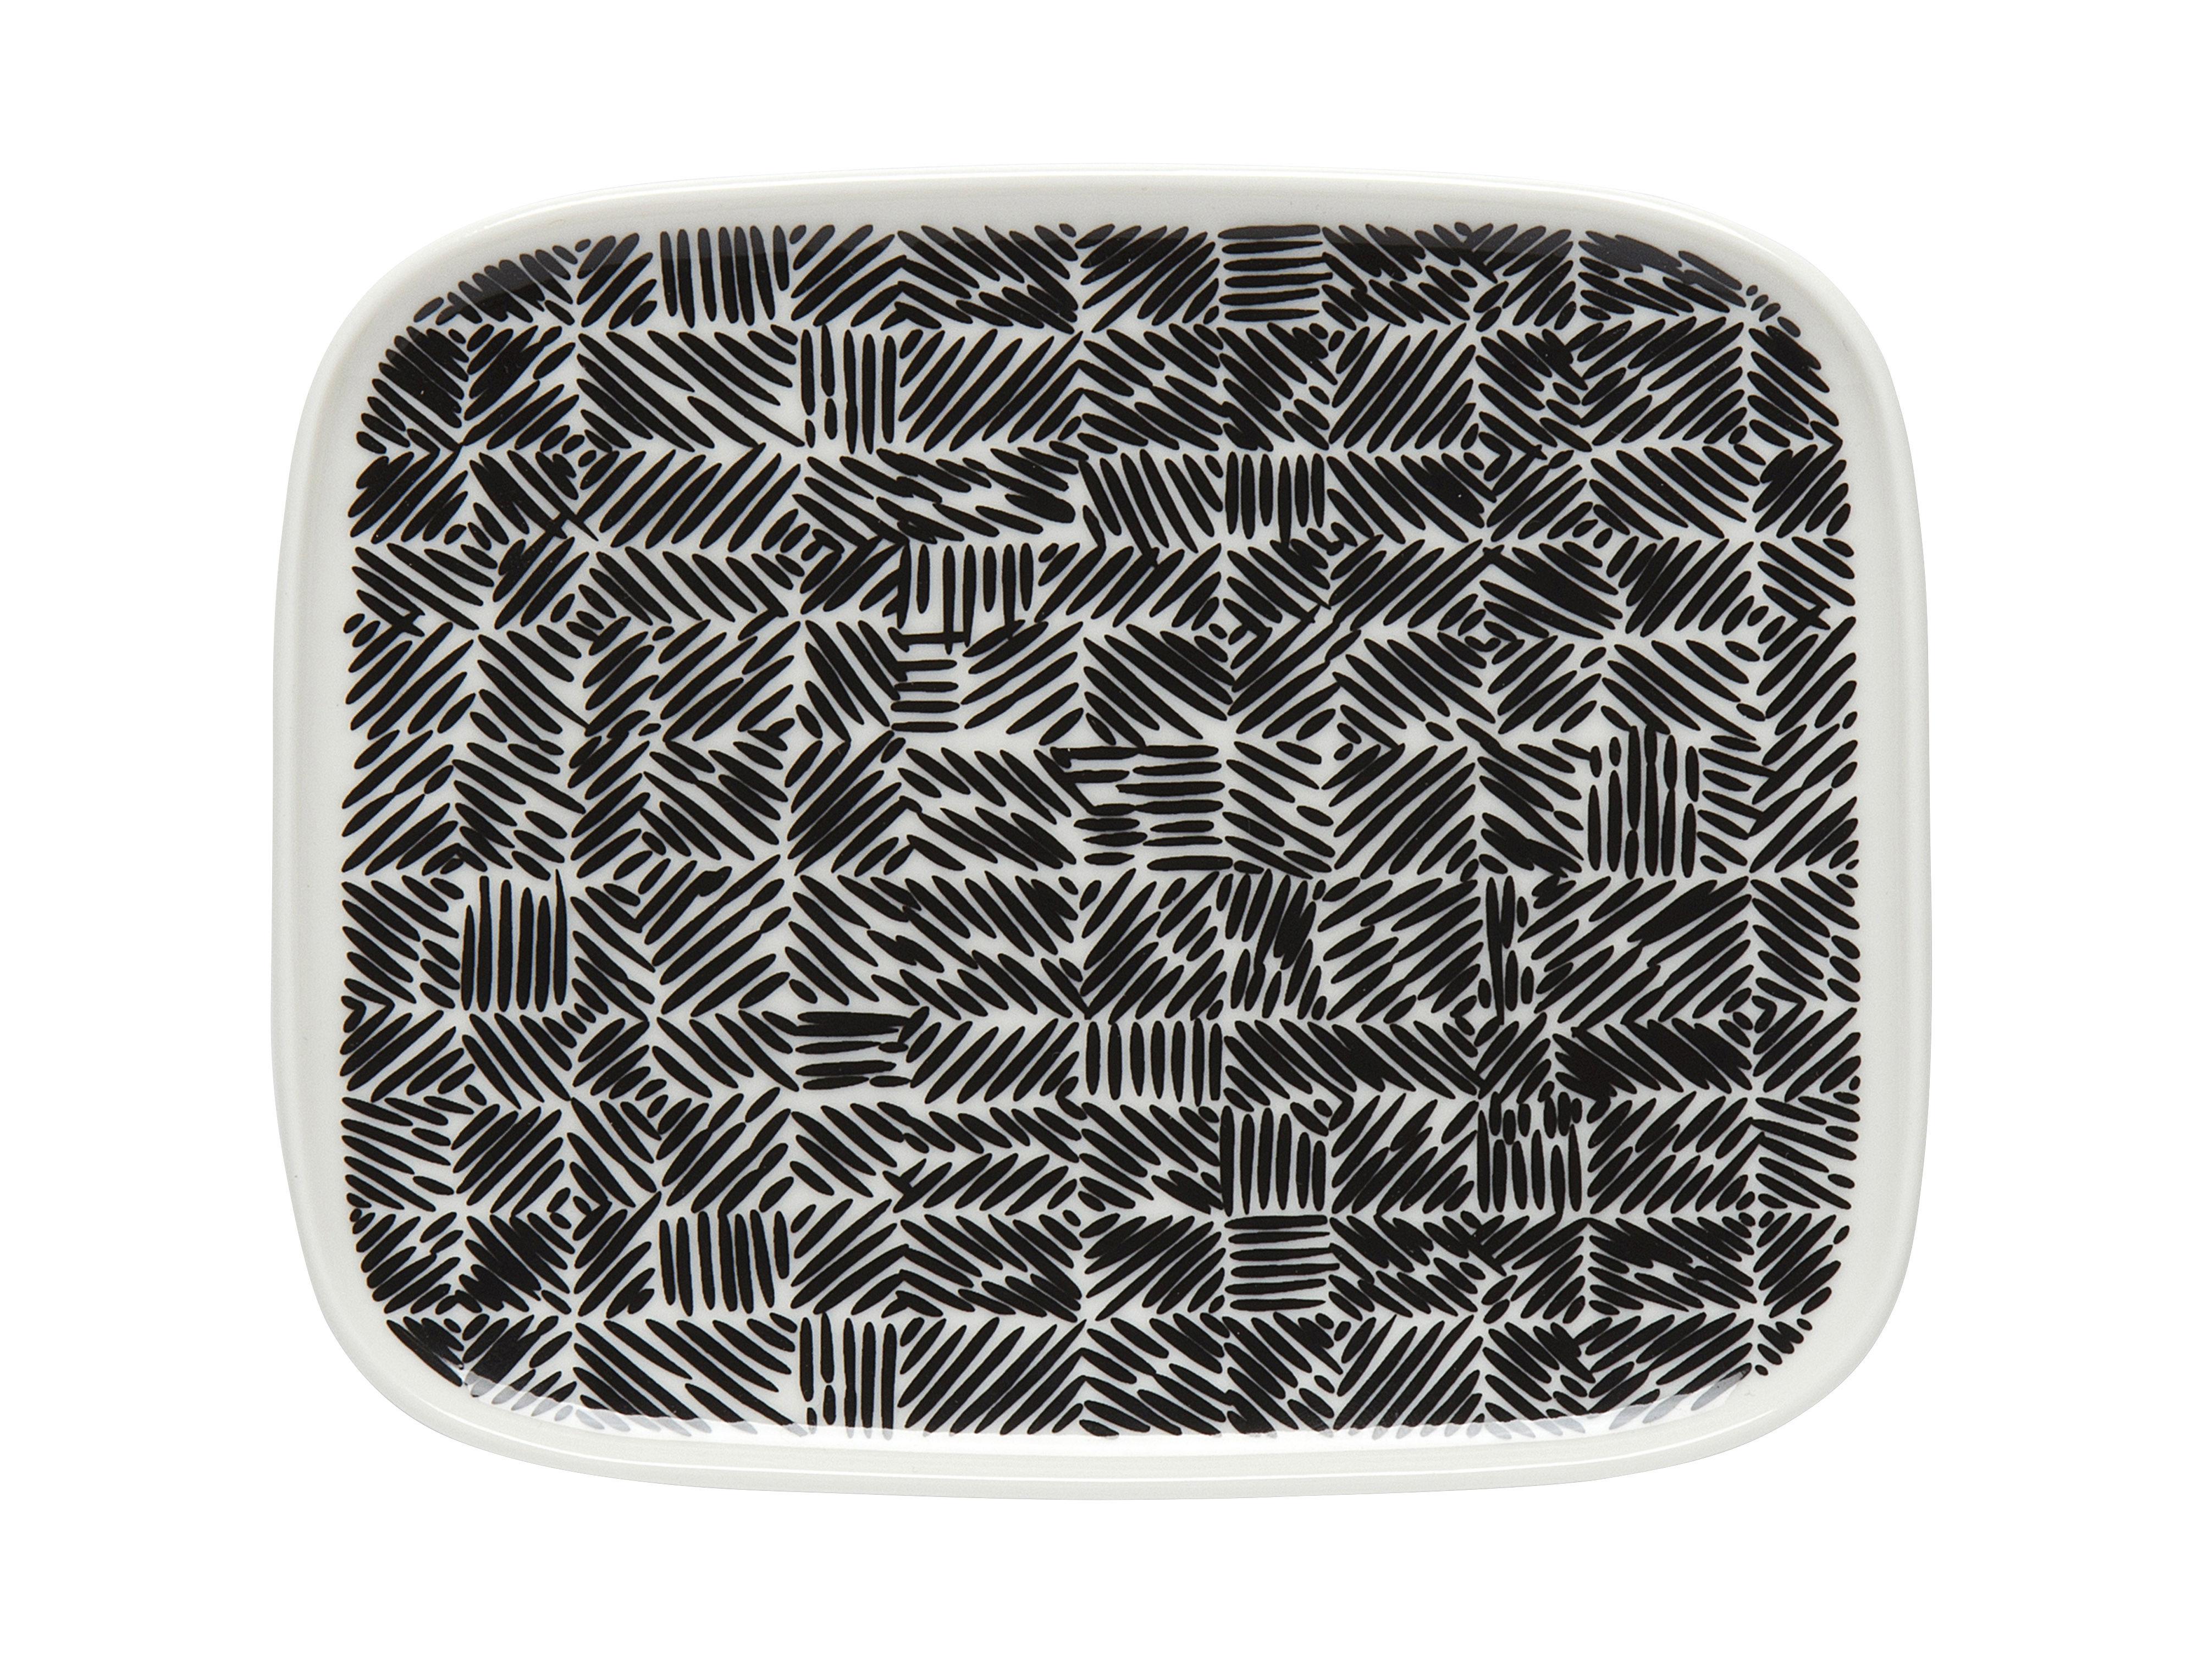 Arts de la table - Assiettes - Assiette à dessert Juustomuotti / 12 x 15 cm - Marimekko - Juustomuotti / Noir & blanc - Grès